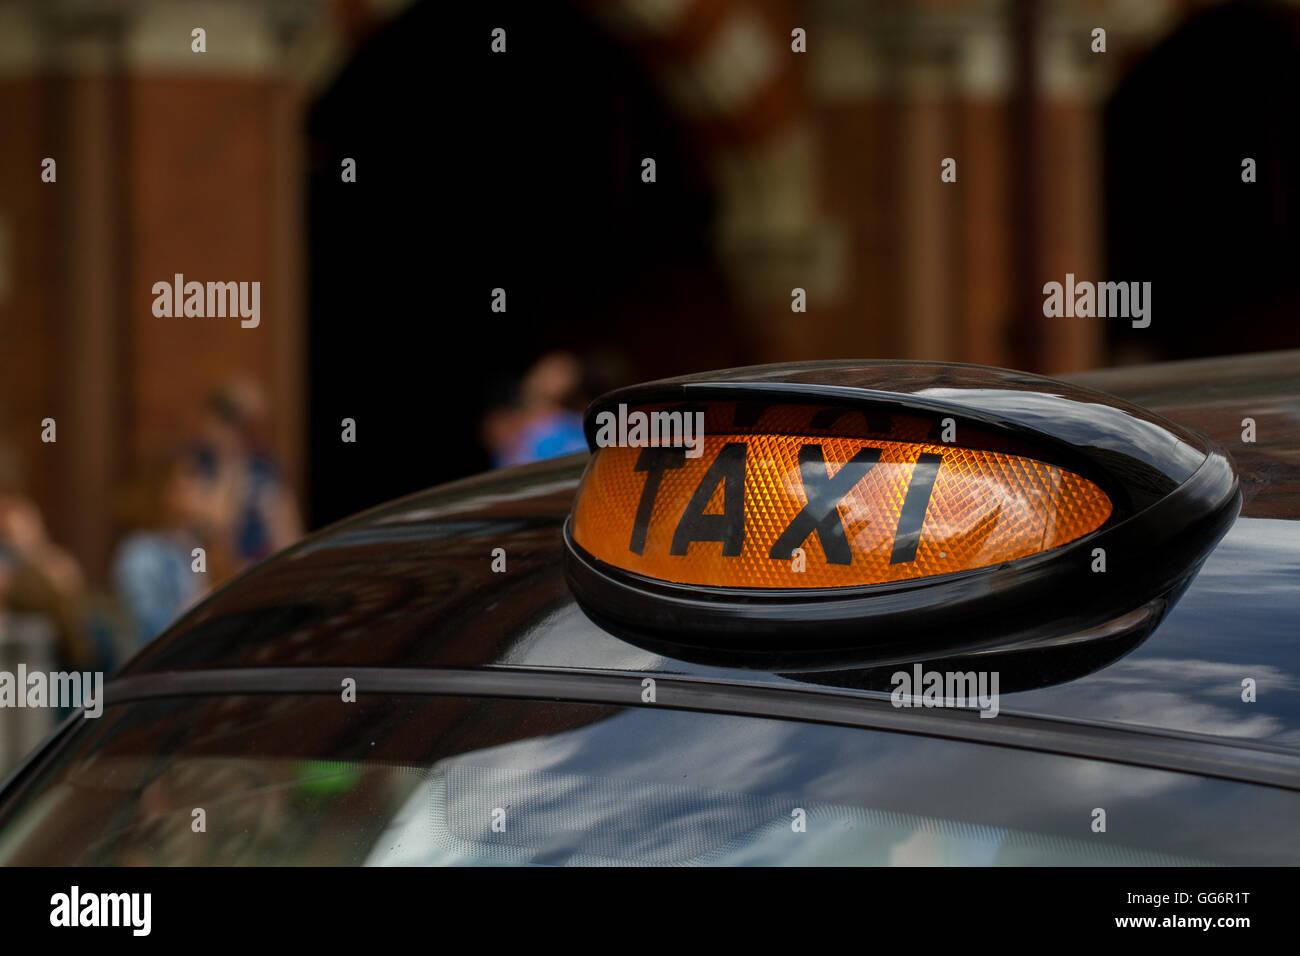 L'orange enseigne sur le toit d'un taxi noir de Londres avec les rues de la ville en arrière-plan. Photo Stock